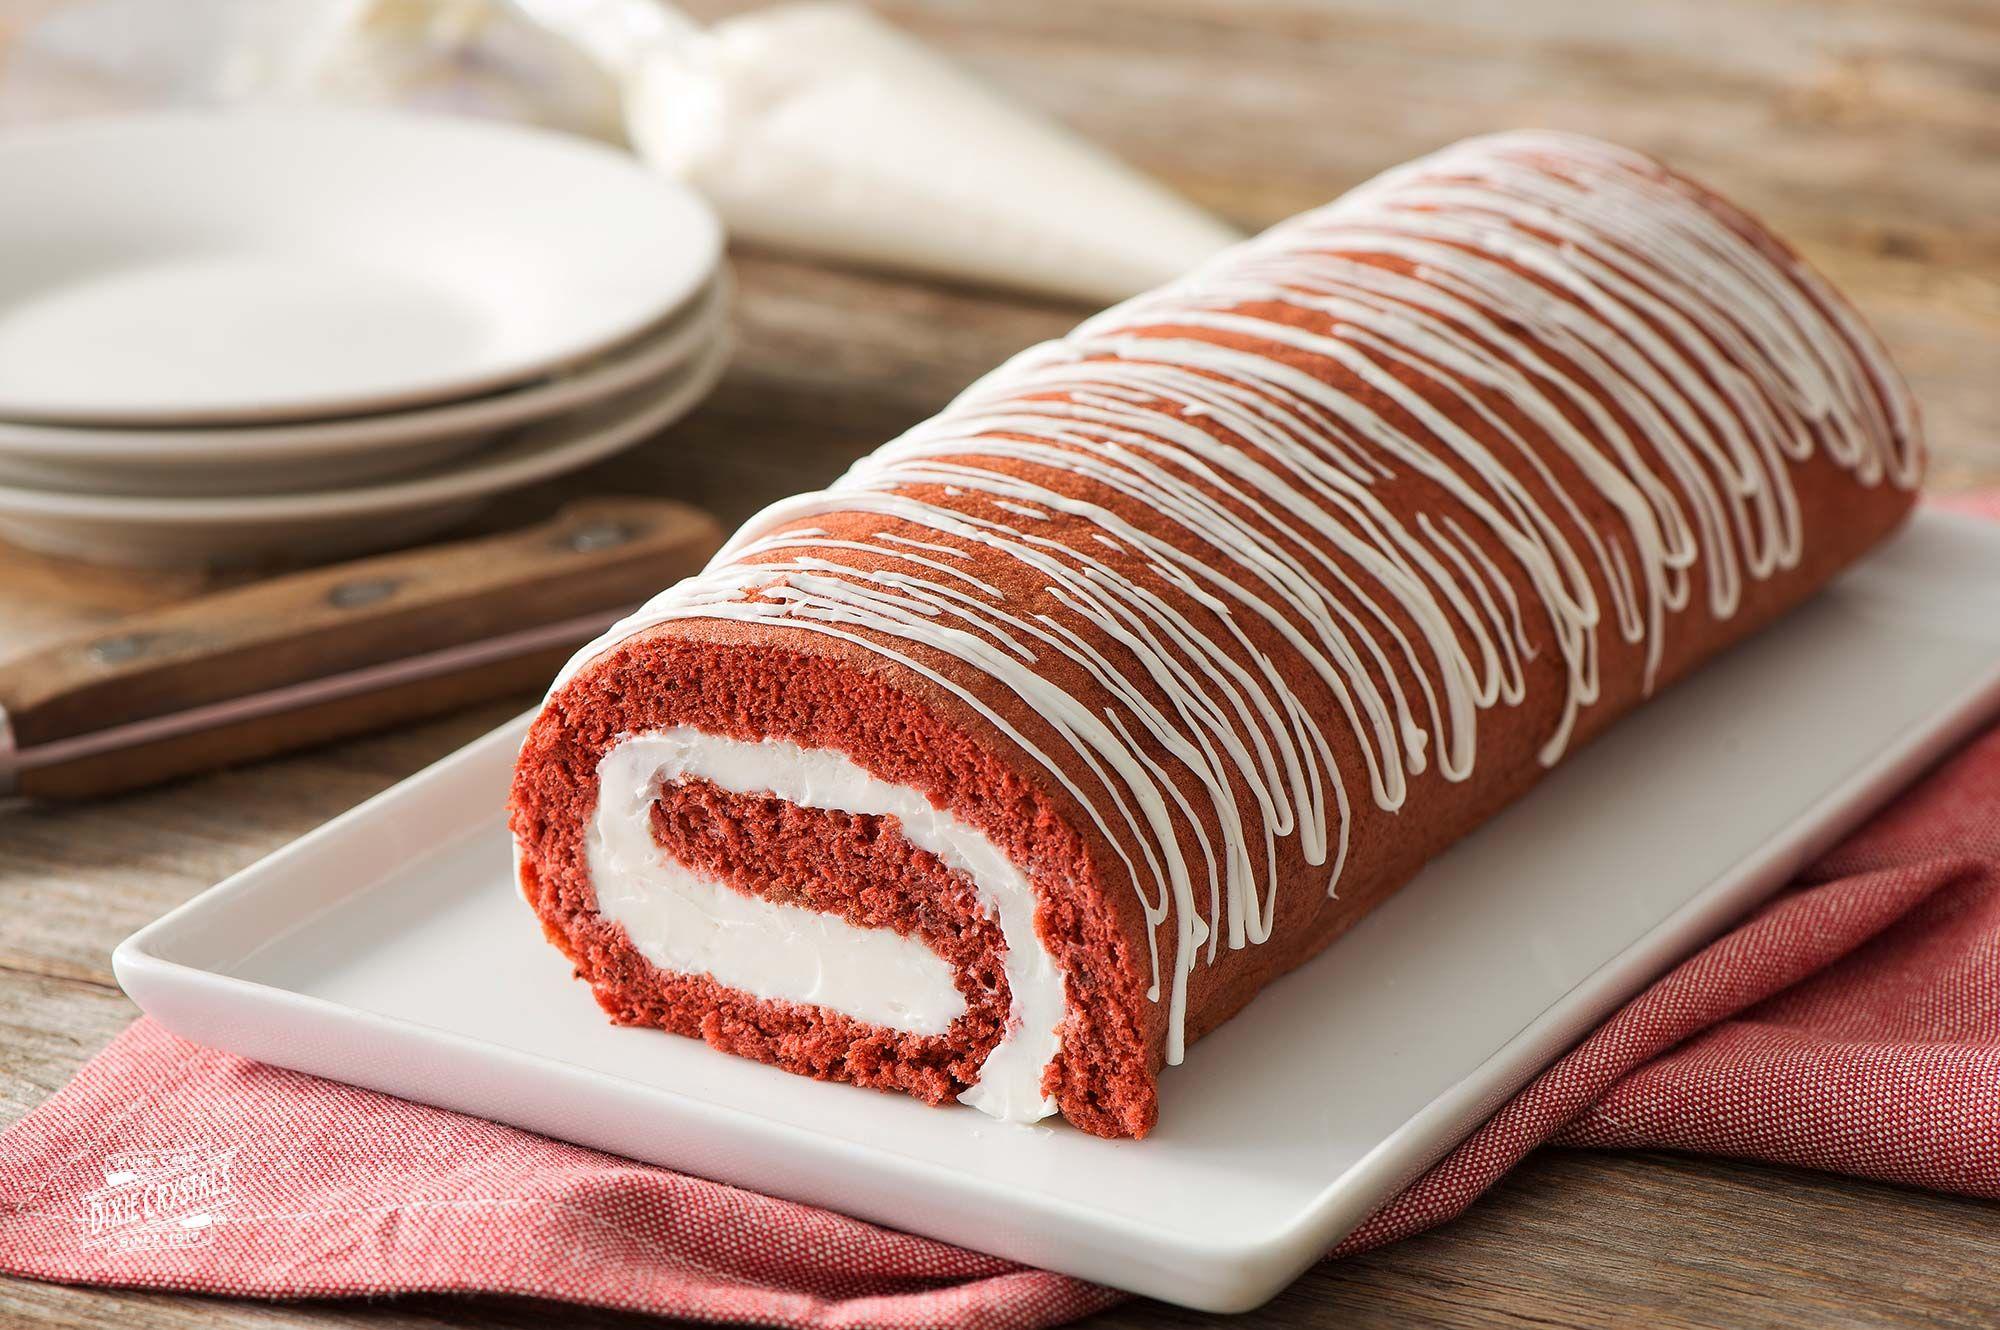 Red Velvet Cake Roll Dixie Crystals Red Velvet Cake Roll Cake Roll Cake Roll Recipes